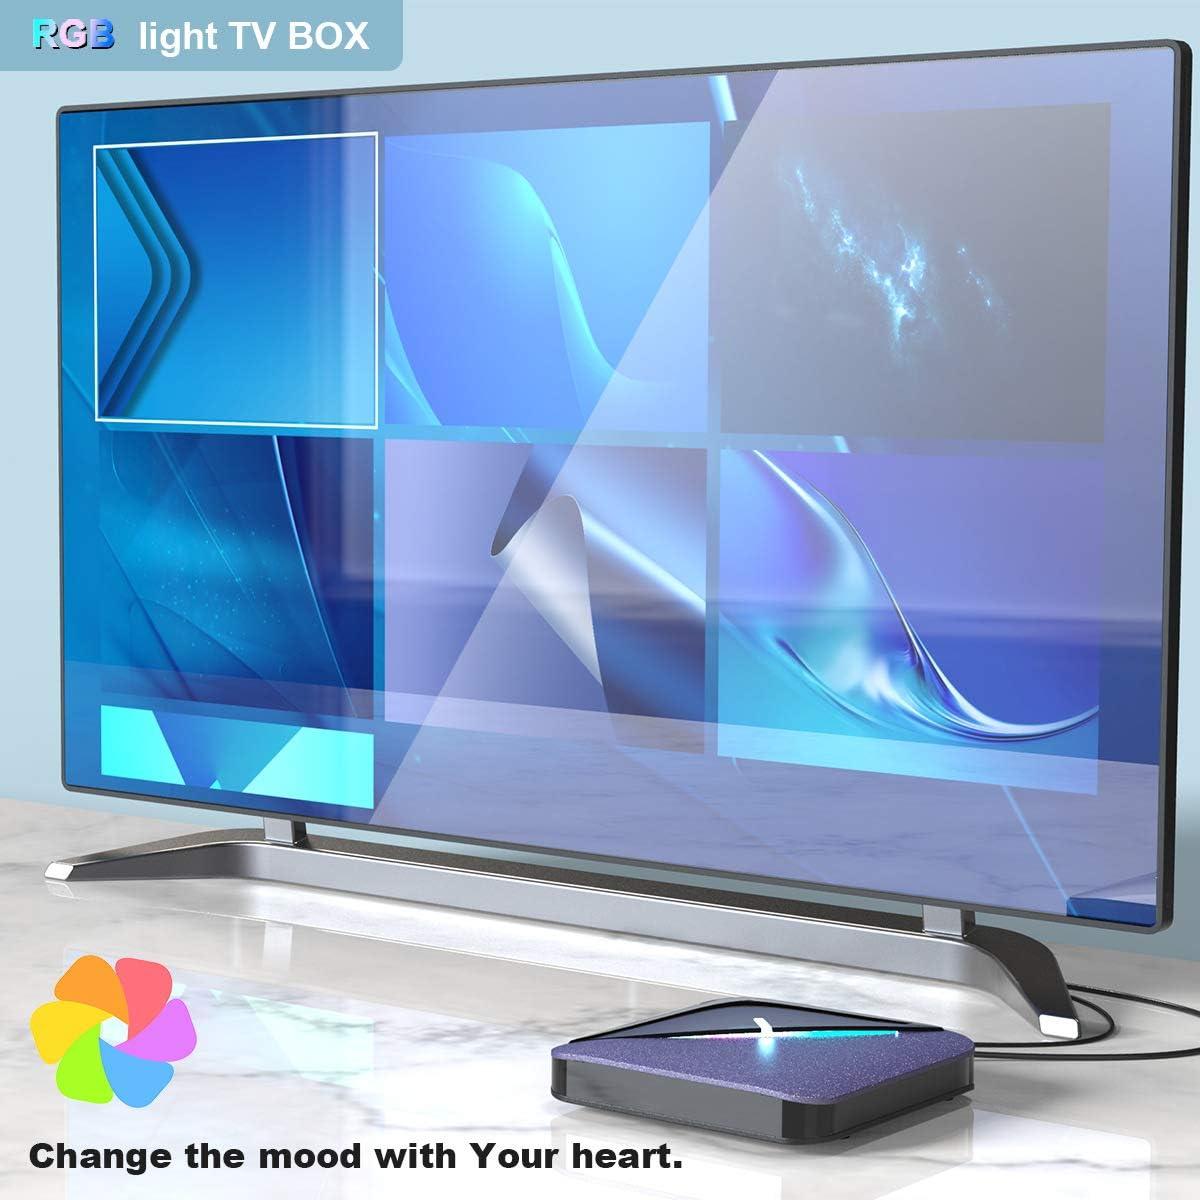 Sophia Caja de TV, 4g + 32gS905x3 Set-Top Box 8K Red de decodificación Caja androide TV Box: Amazon.es: Deportes y aire libre